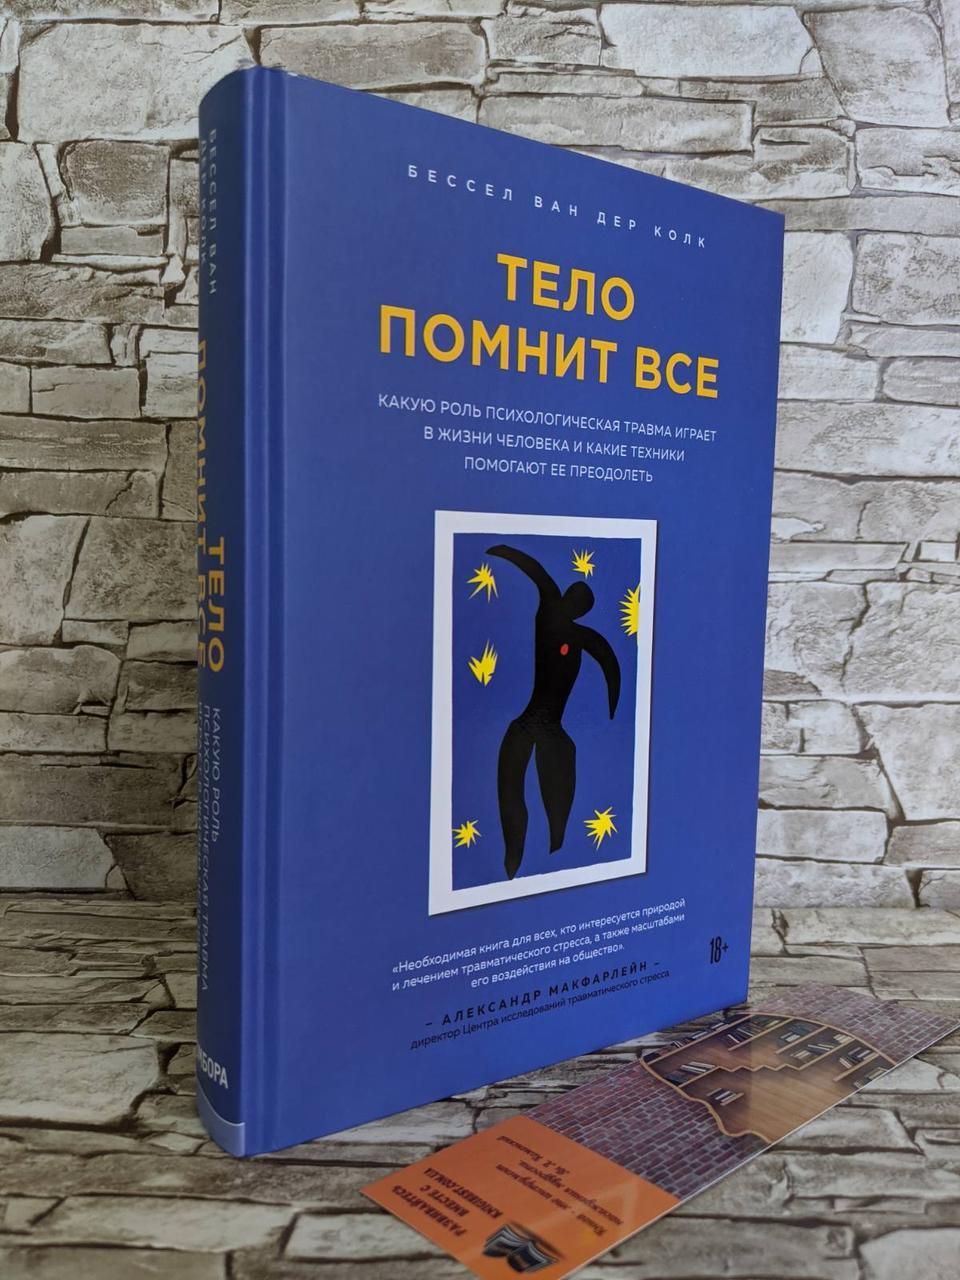 """Книга """"Тело помнит все. Какую роль психологическая травма играет в жизни человека"""" Бессел ван дер Колк"""